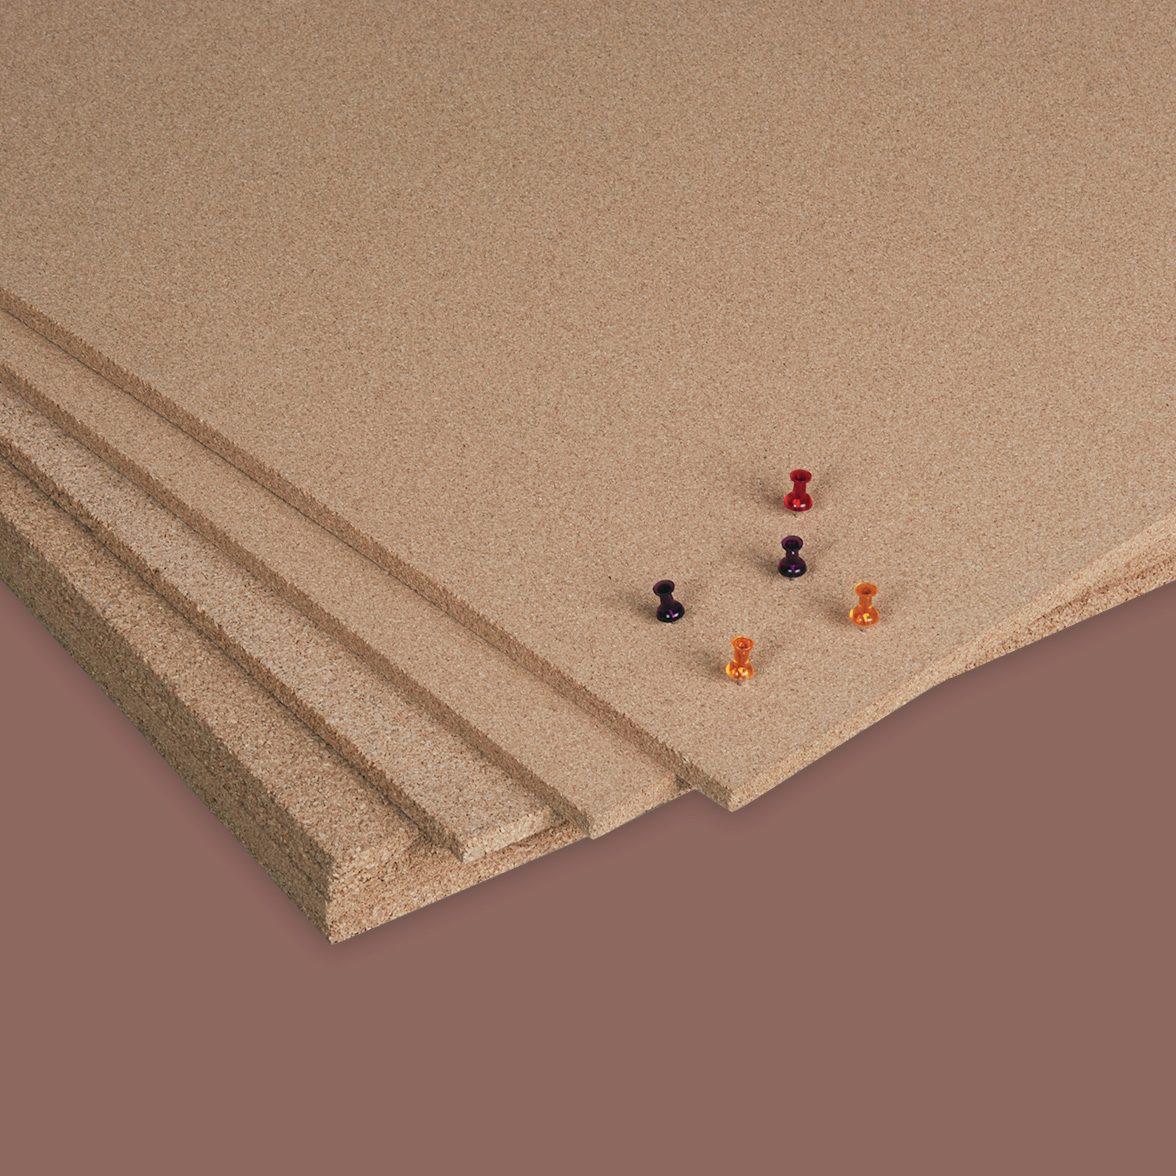 Plywood Floor Over Concrete